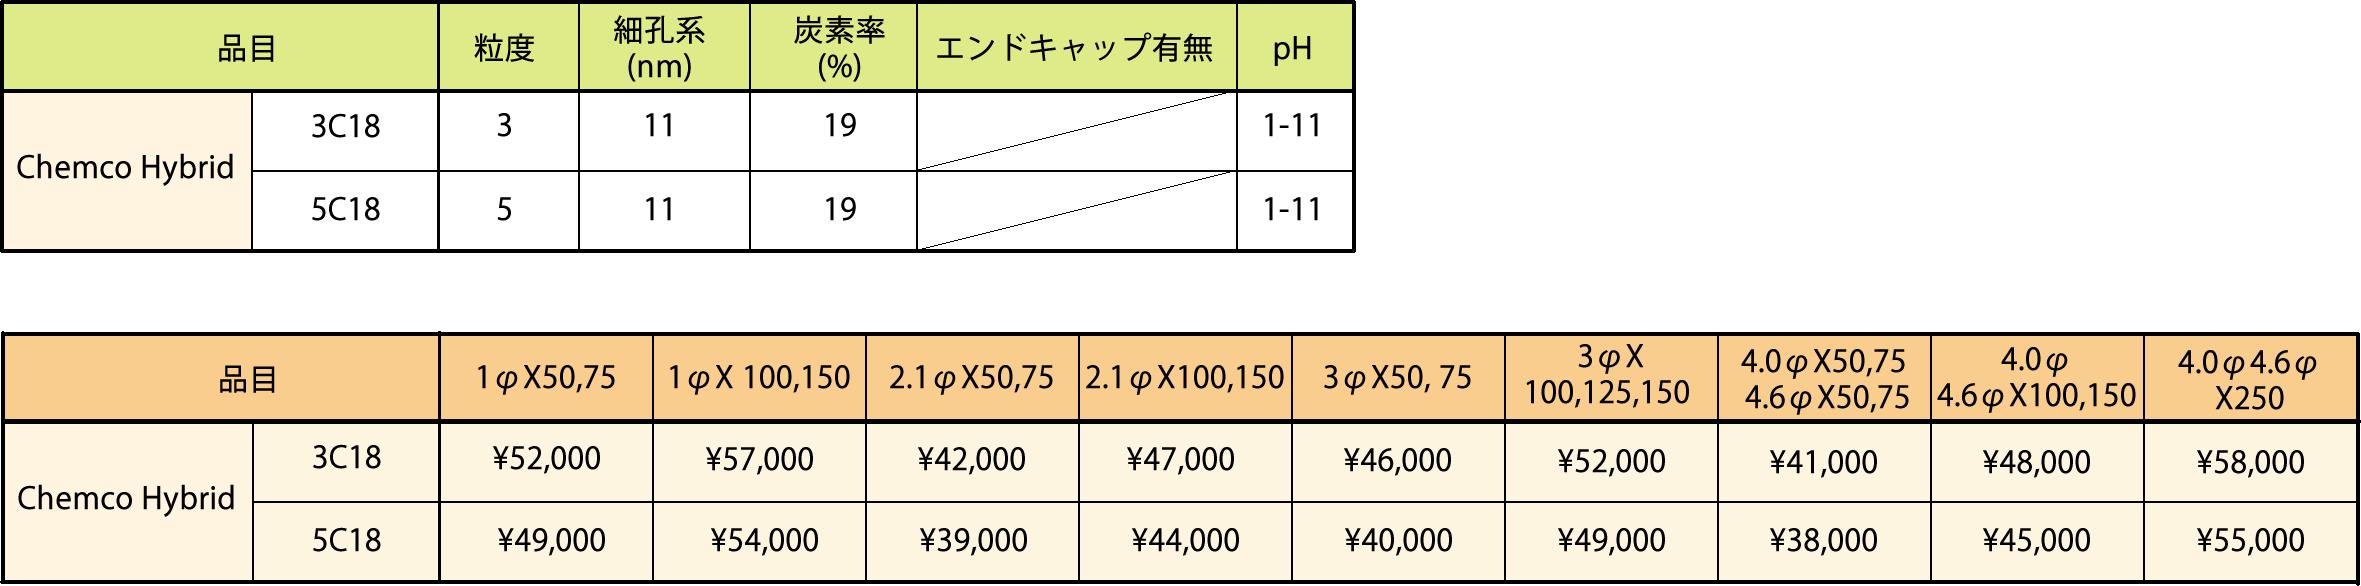 c18-value